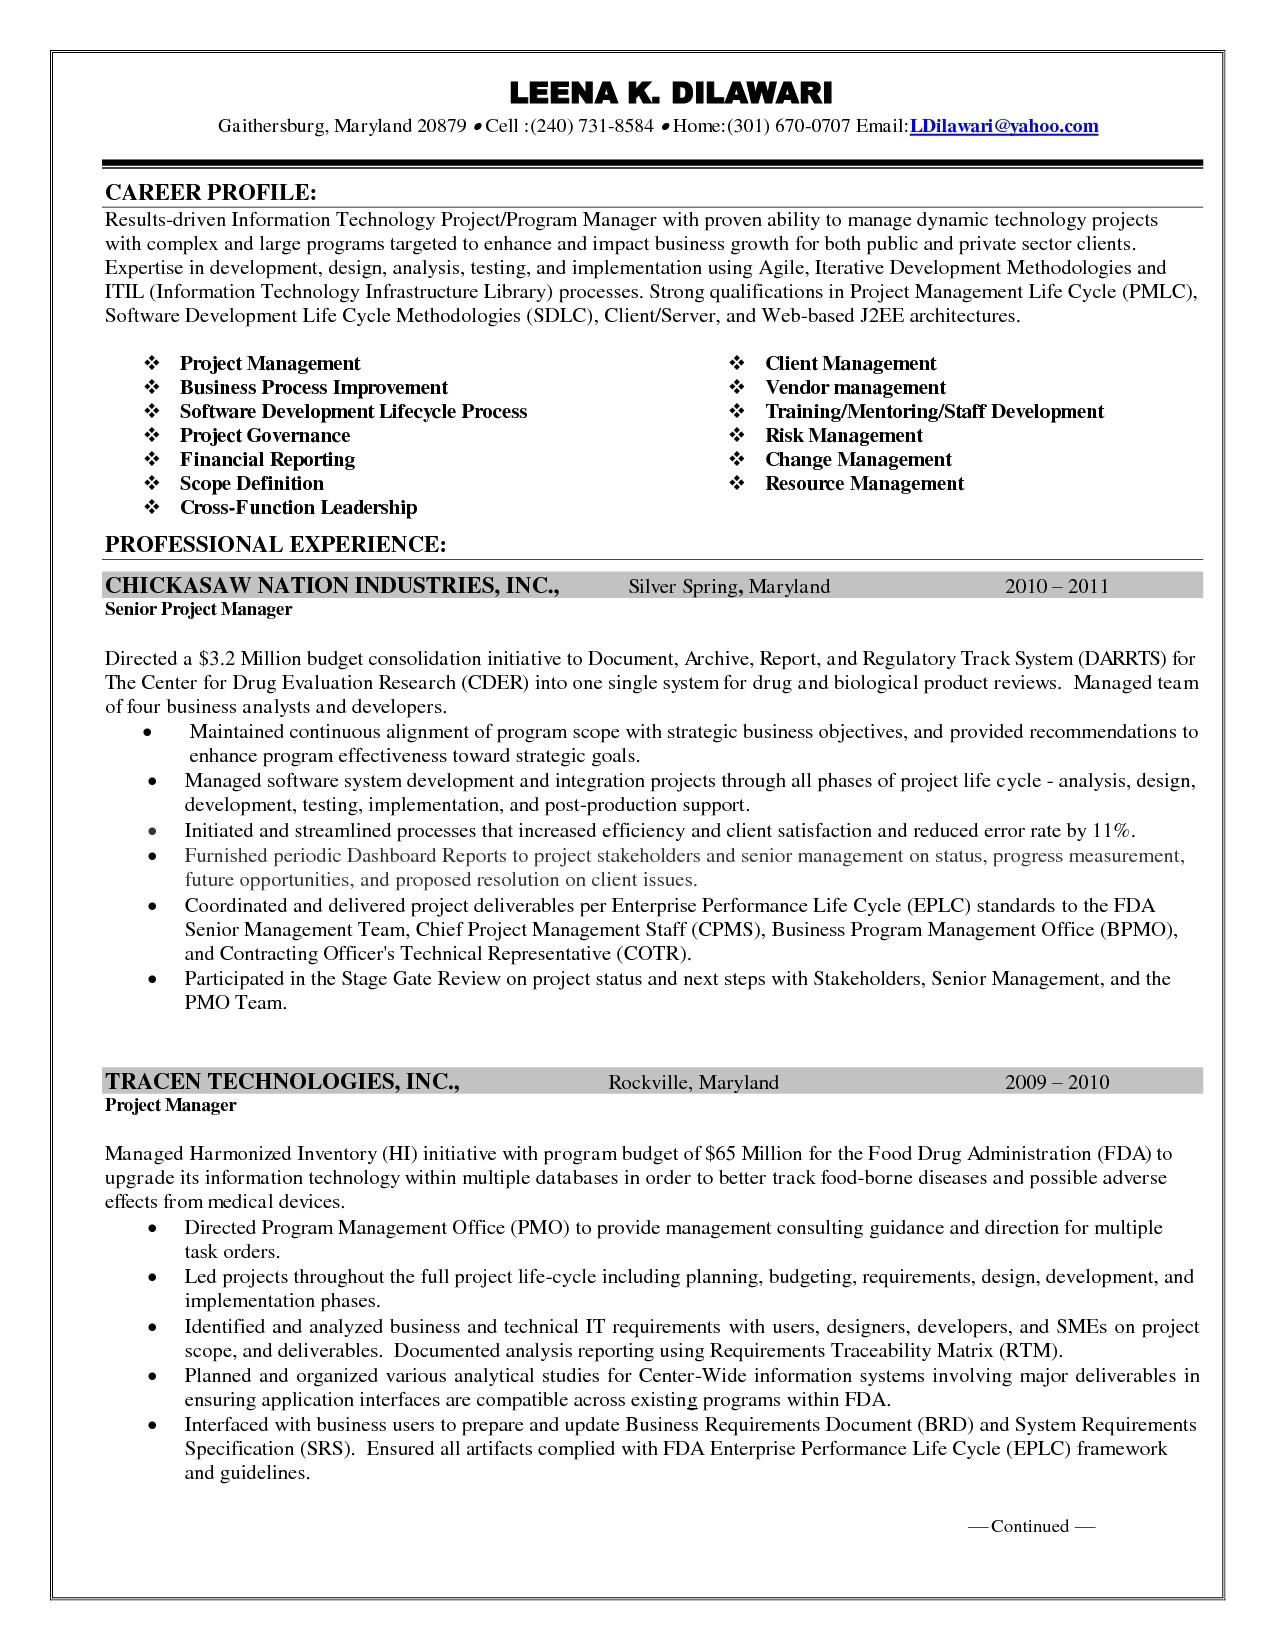 enterprise risk management resume goals and objectives resume free 14637